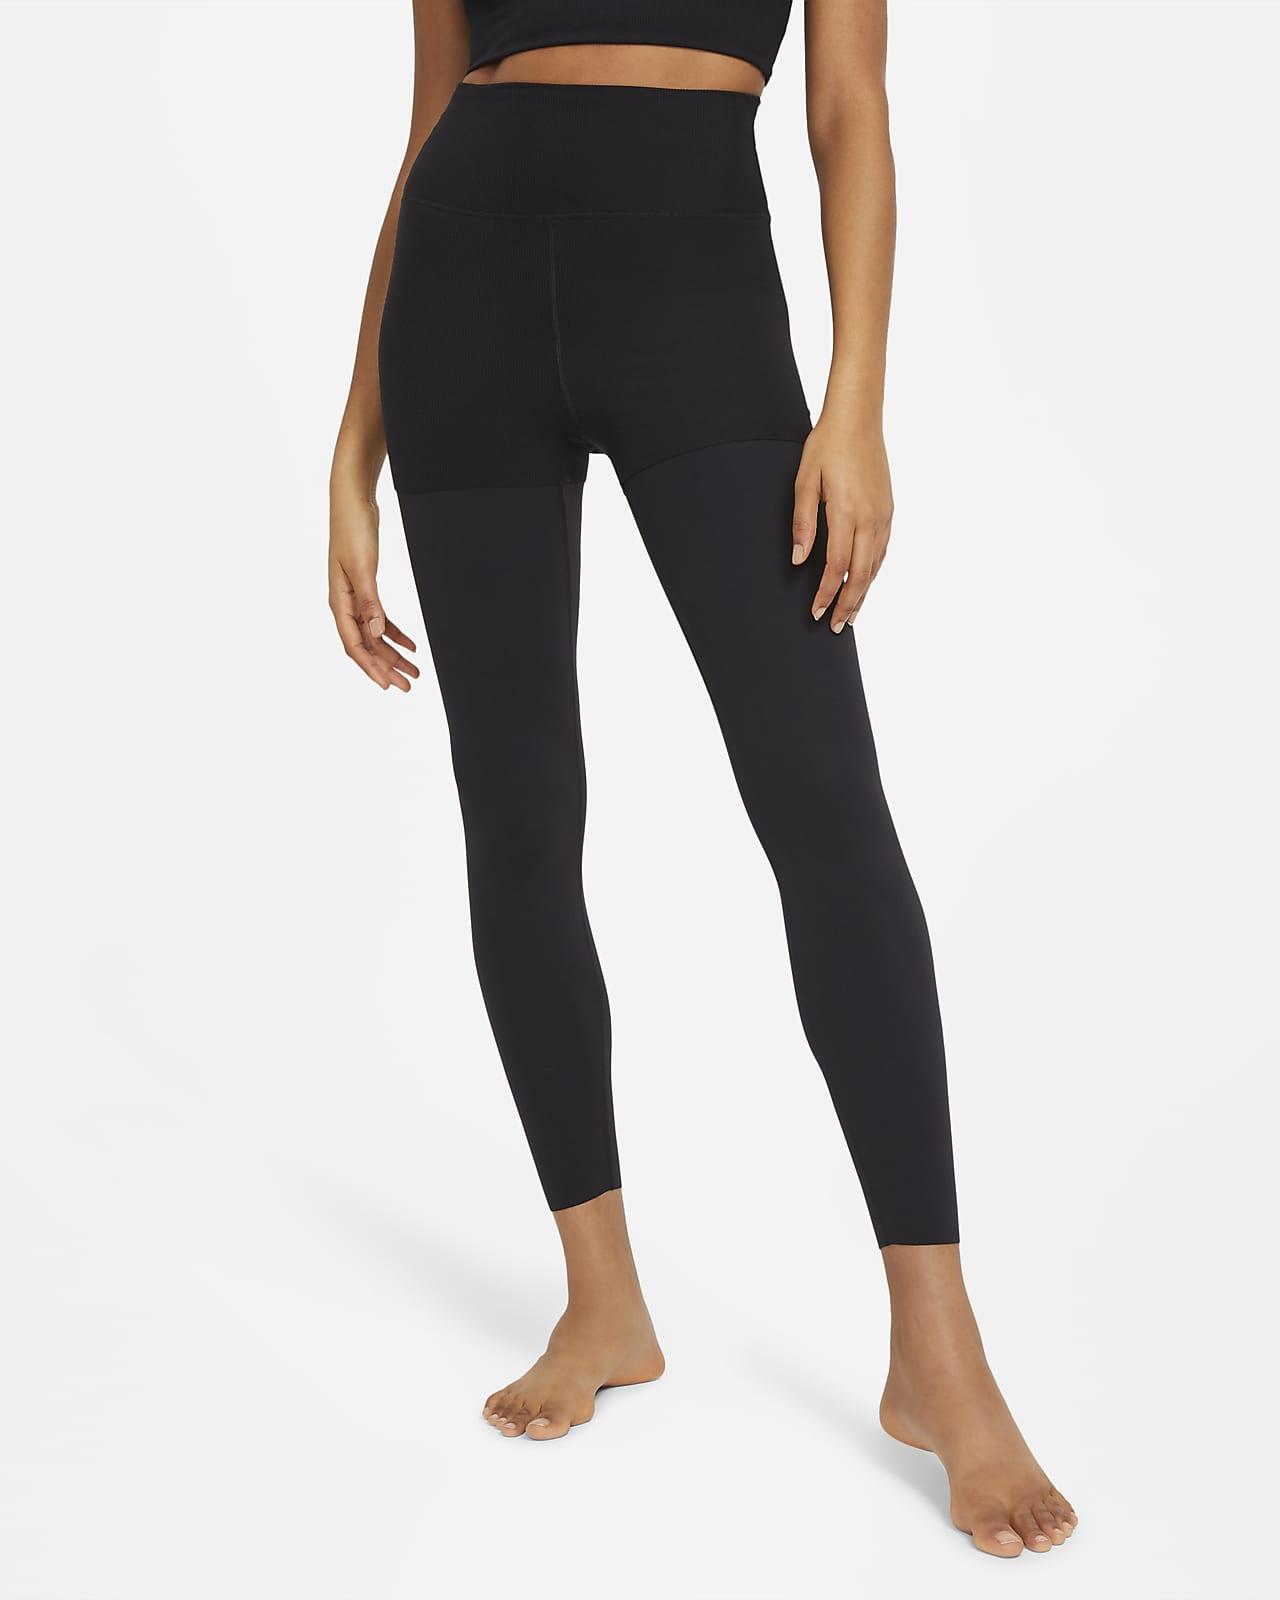 Nike Yoga Luxe-lagdelte 7/8 leggings til kvinder